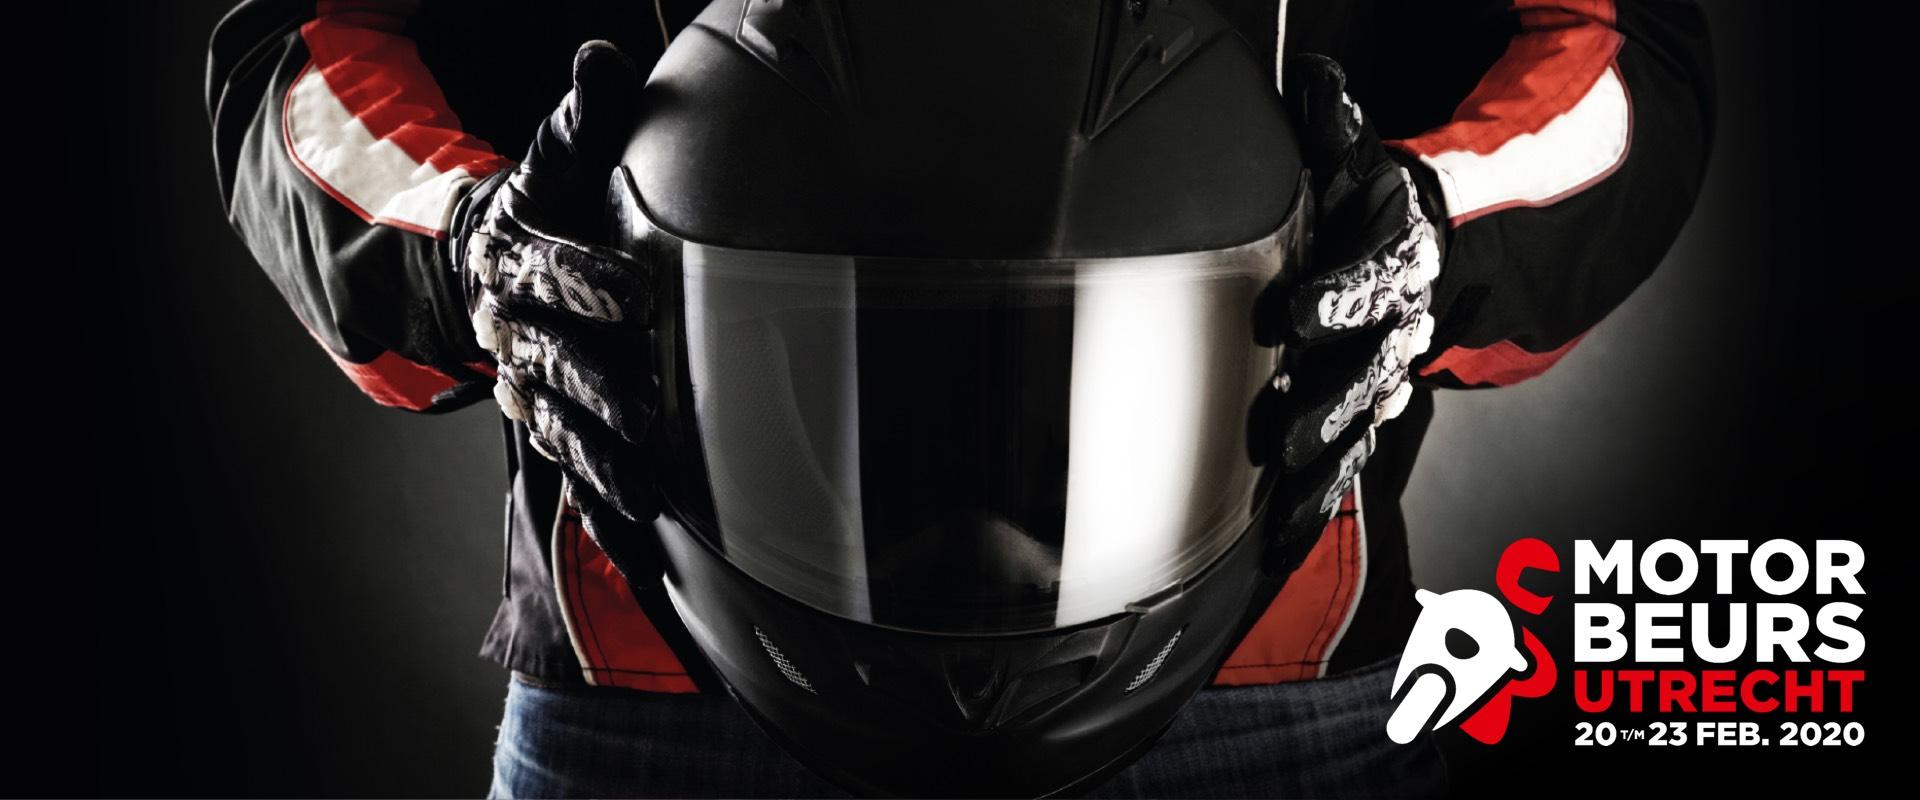 MOTORbeurs 2020